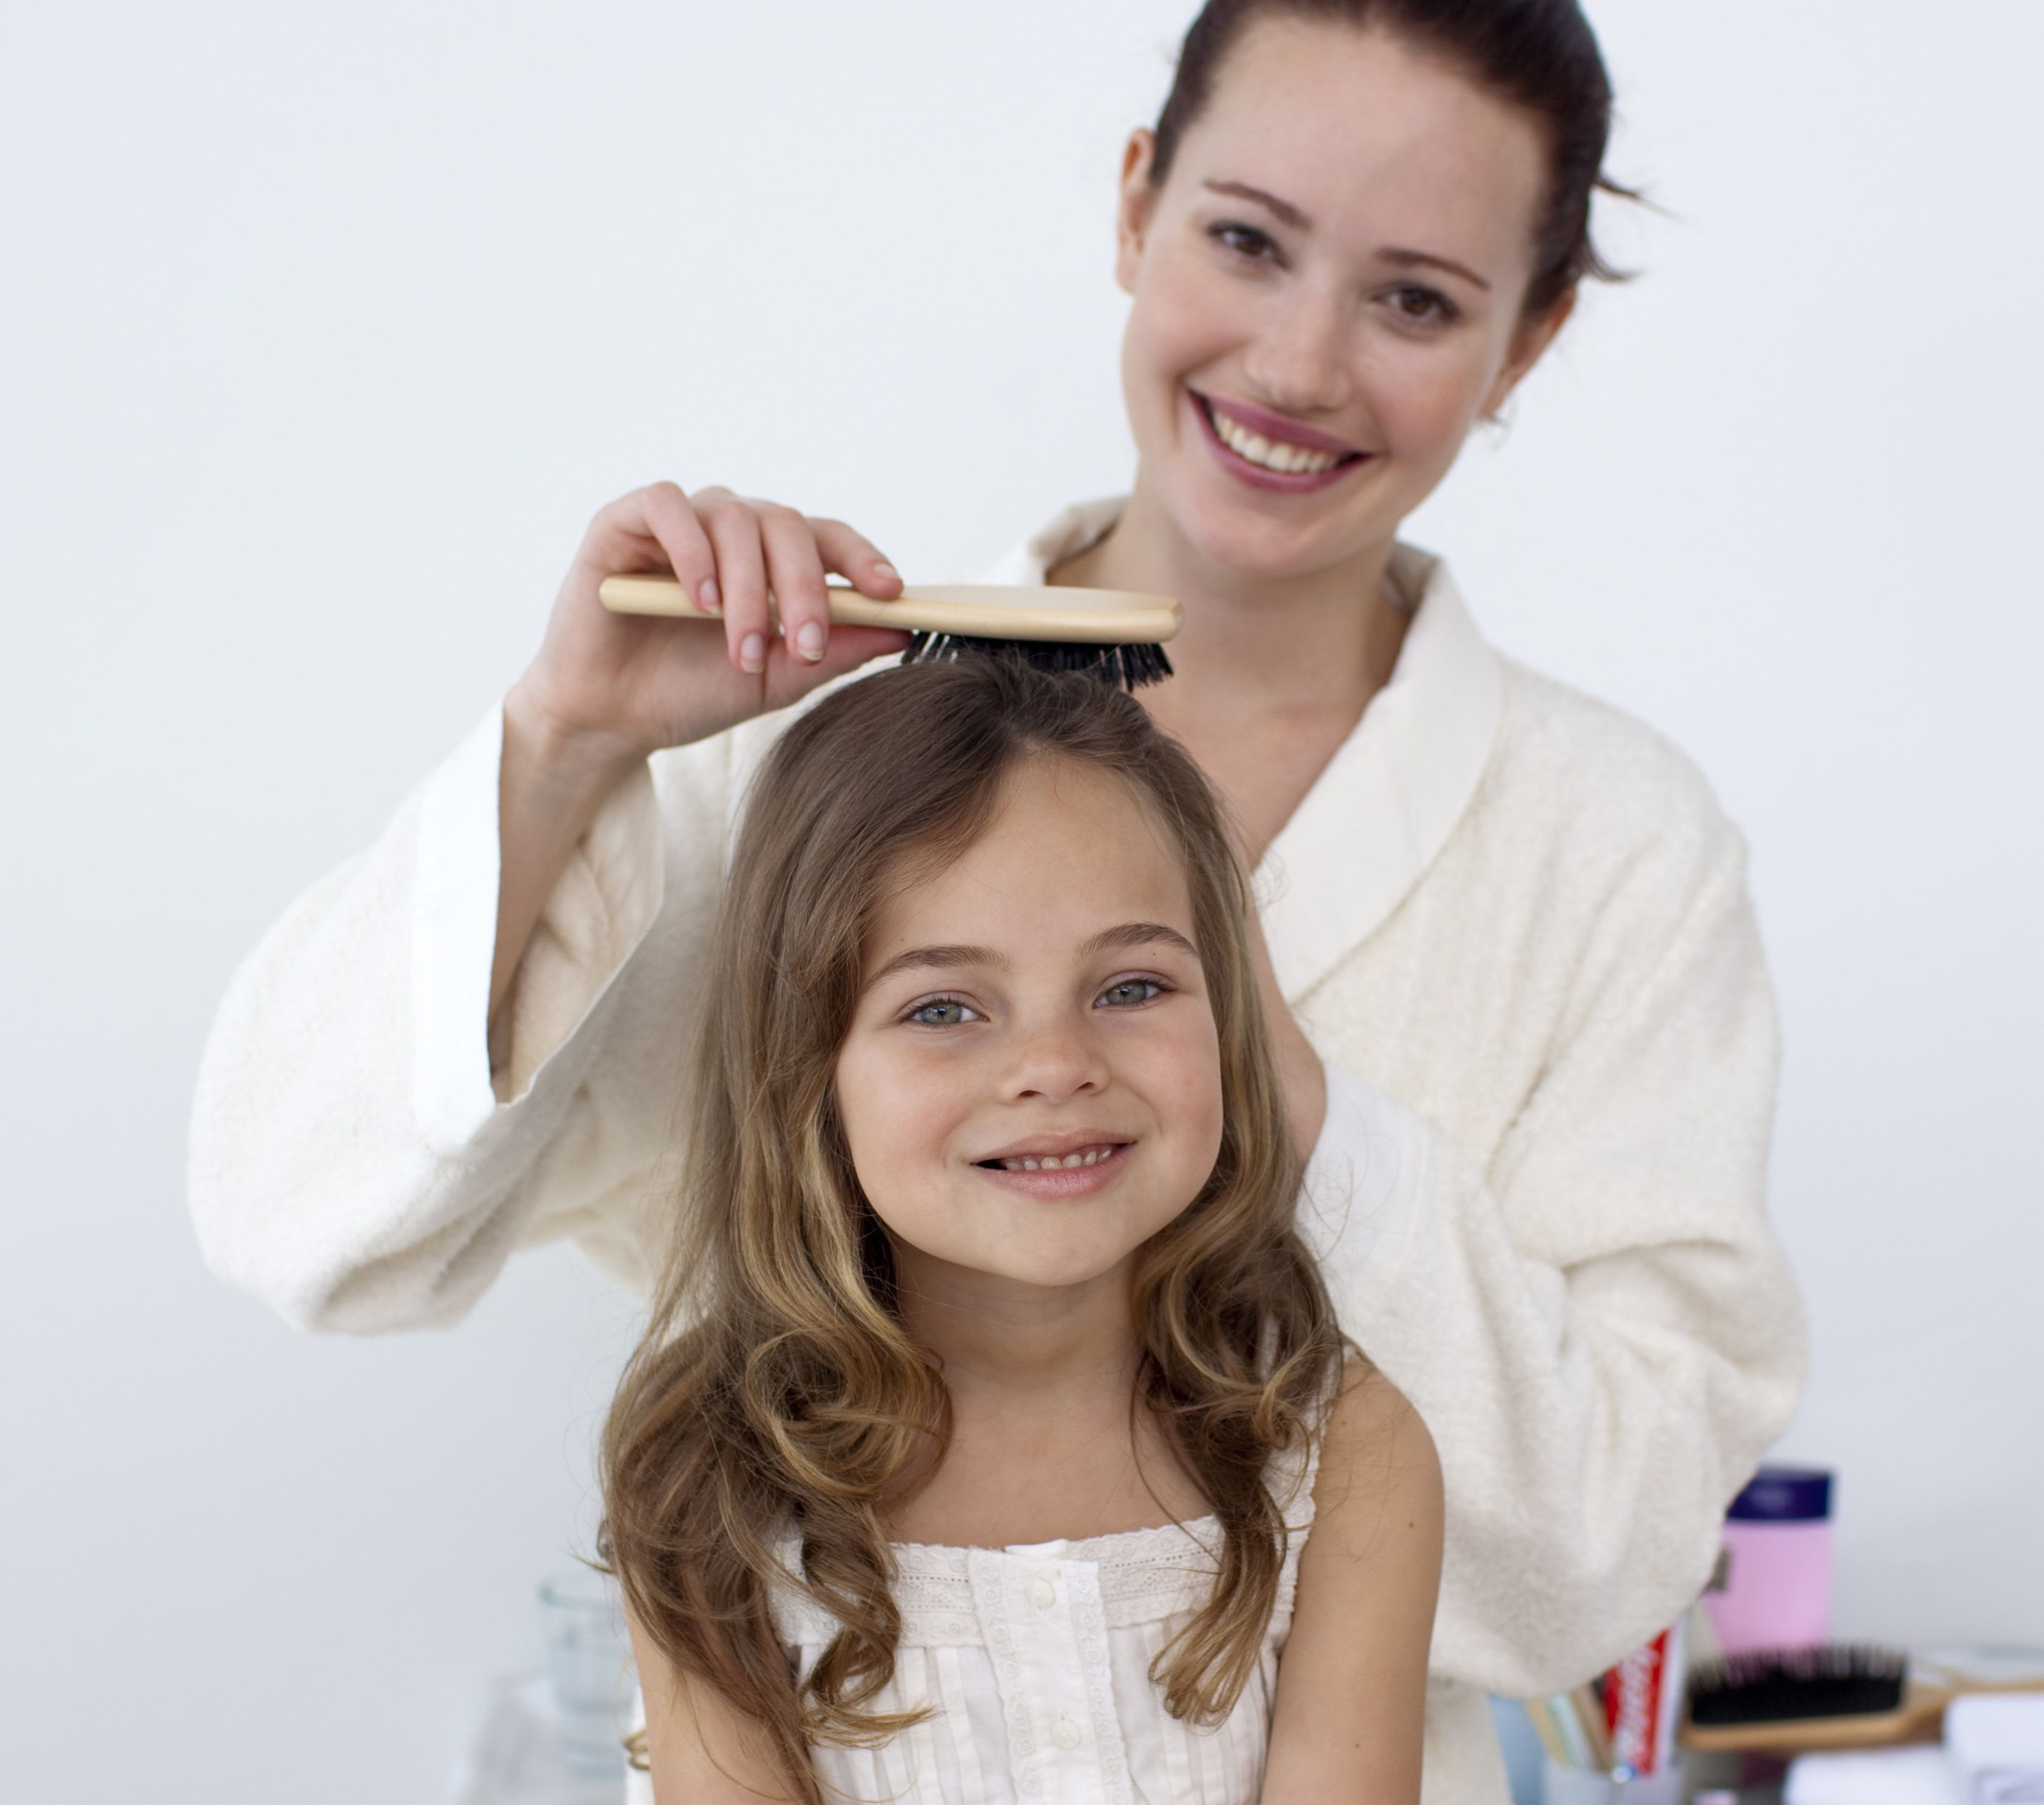 صور تنعيم شعر الاطفال كالحرير , تنعيم شعر الاطفال كالحرير بوصفات سهله